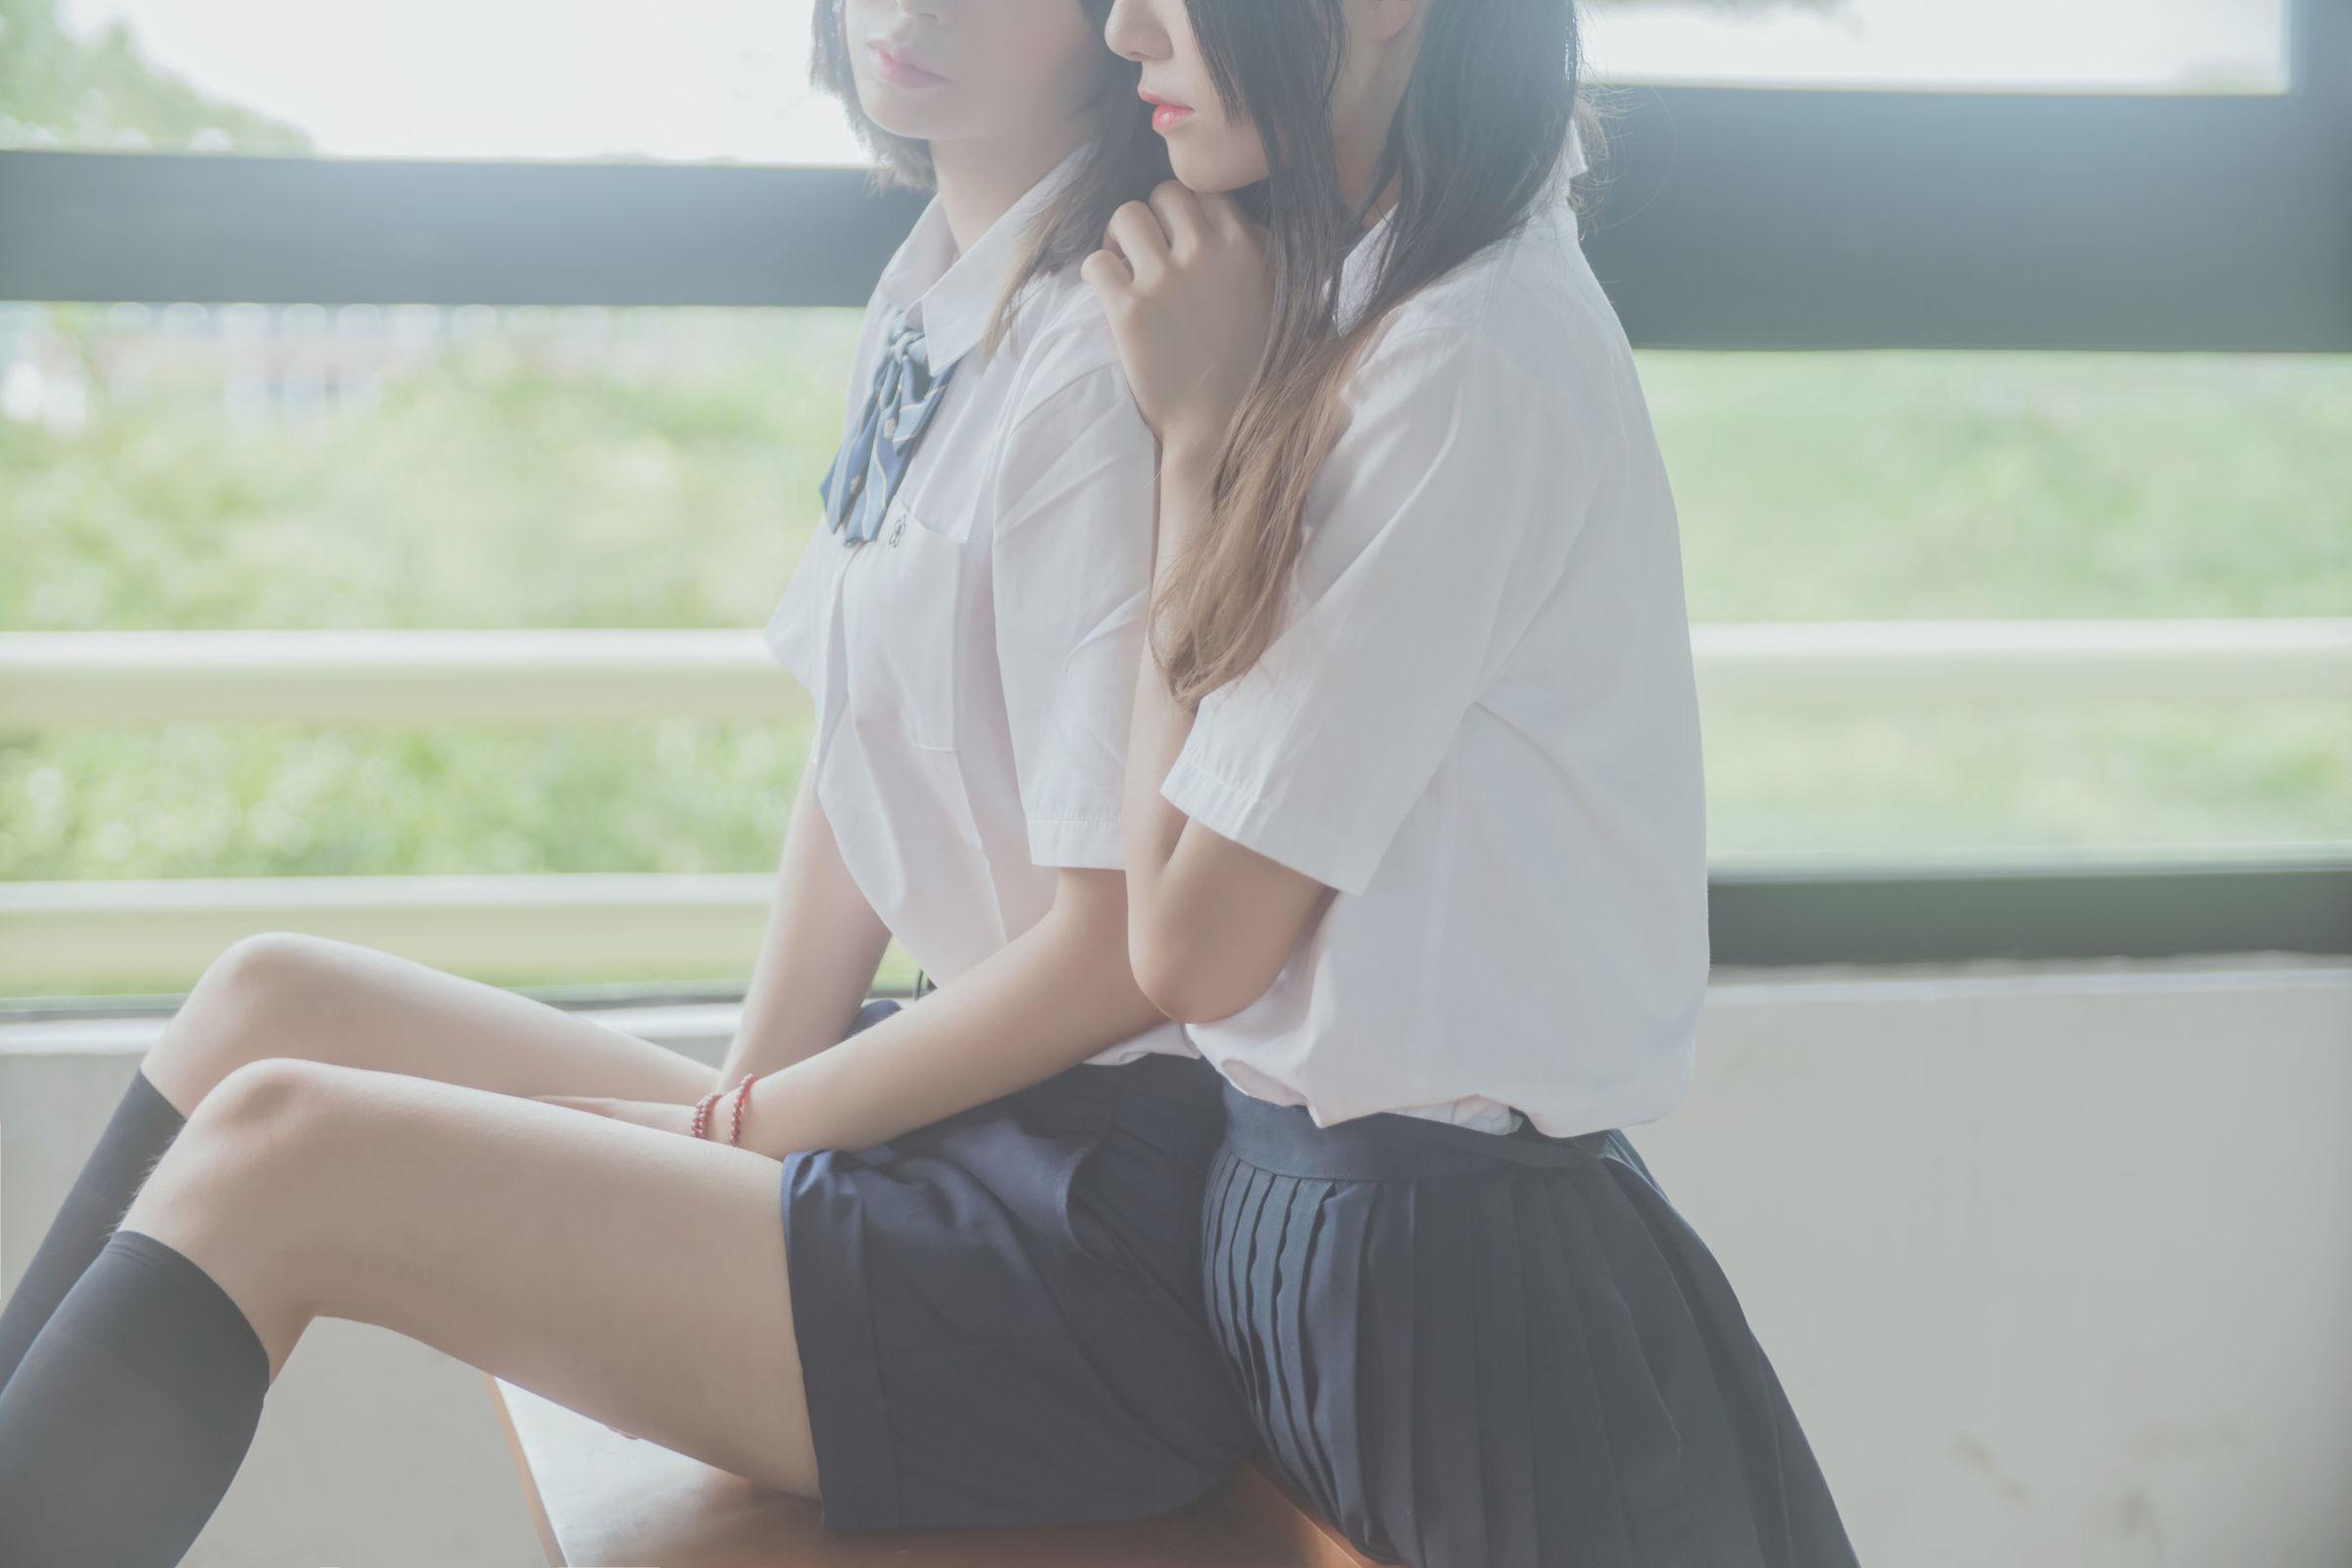 [COSER] 桜桃喵&疯猫ss – JK百合1 COS丝袜美图[43P]